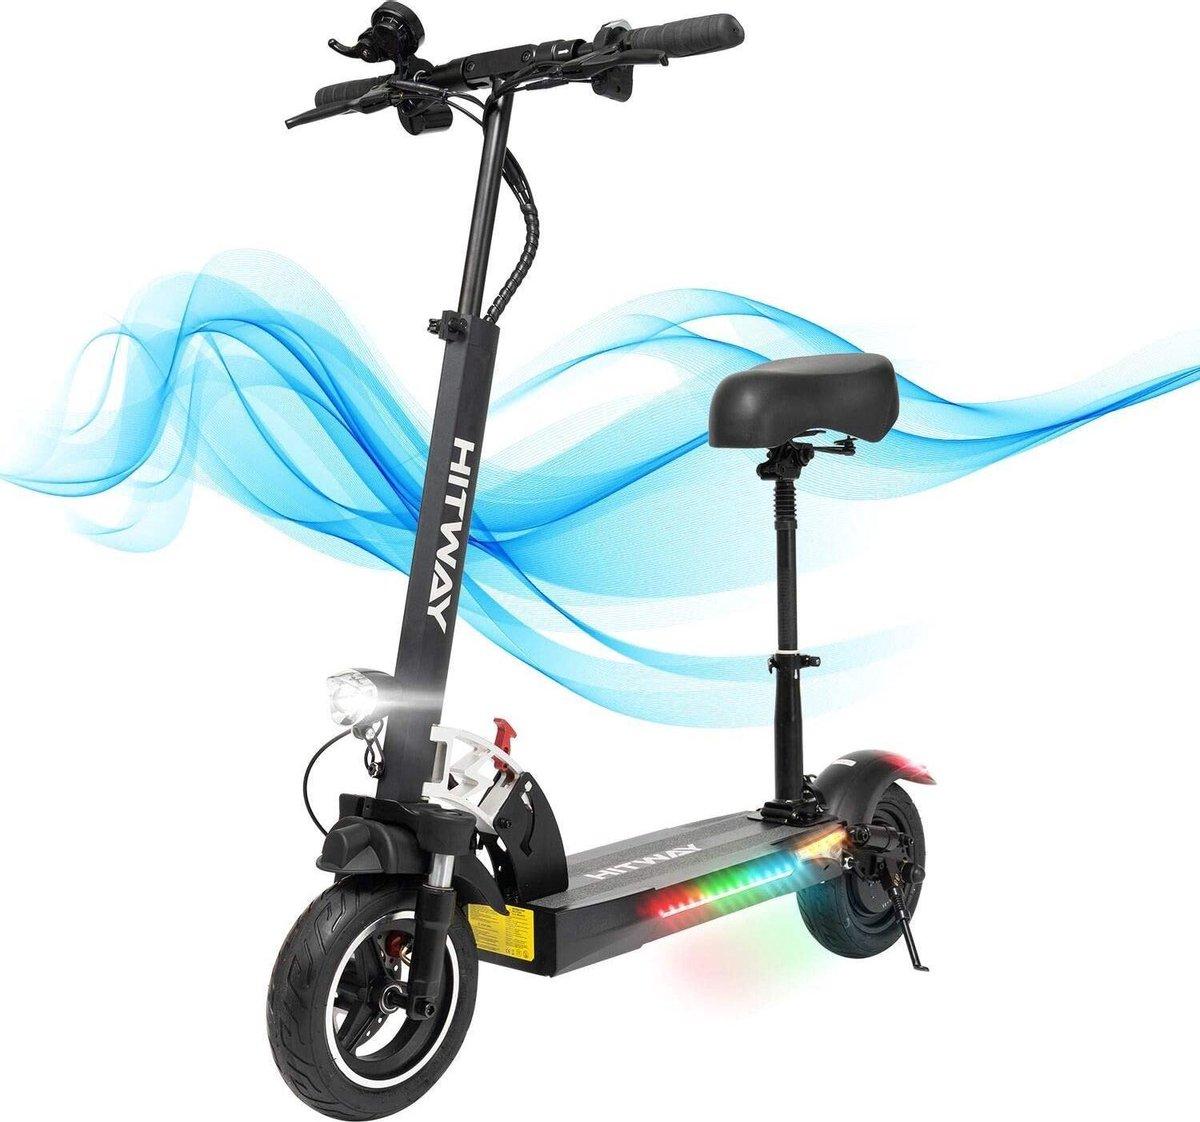 Elektrische step, E-scooter met zitting (800 W, 43 km/h, max. 40 km, opvouwbare elektrische scooter met LCD-display 10 A Li-ion accu), E-scooter voor jongeren en volwassenen (BLACK 01)